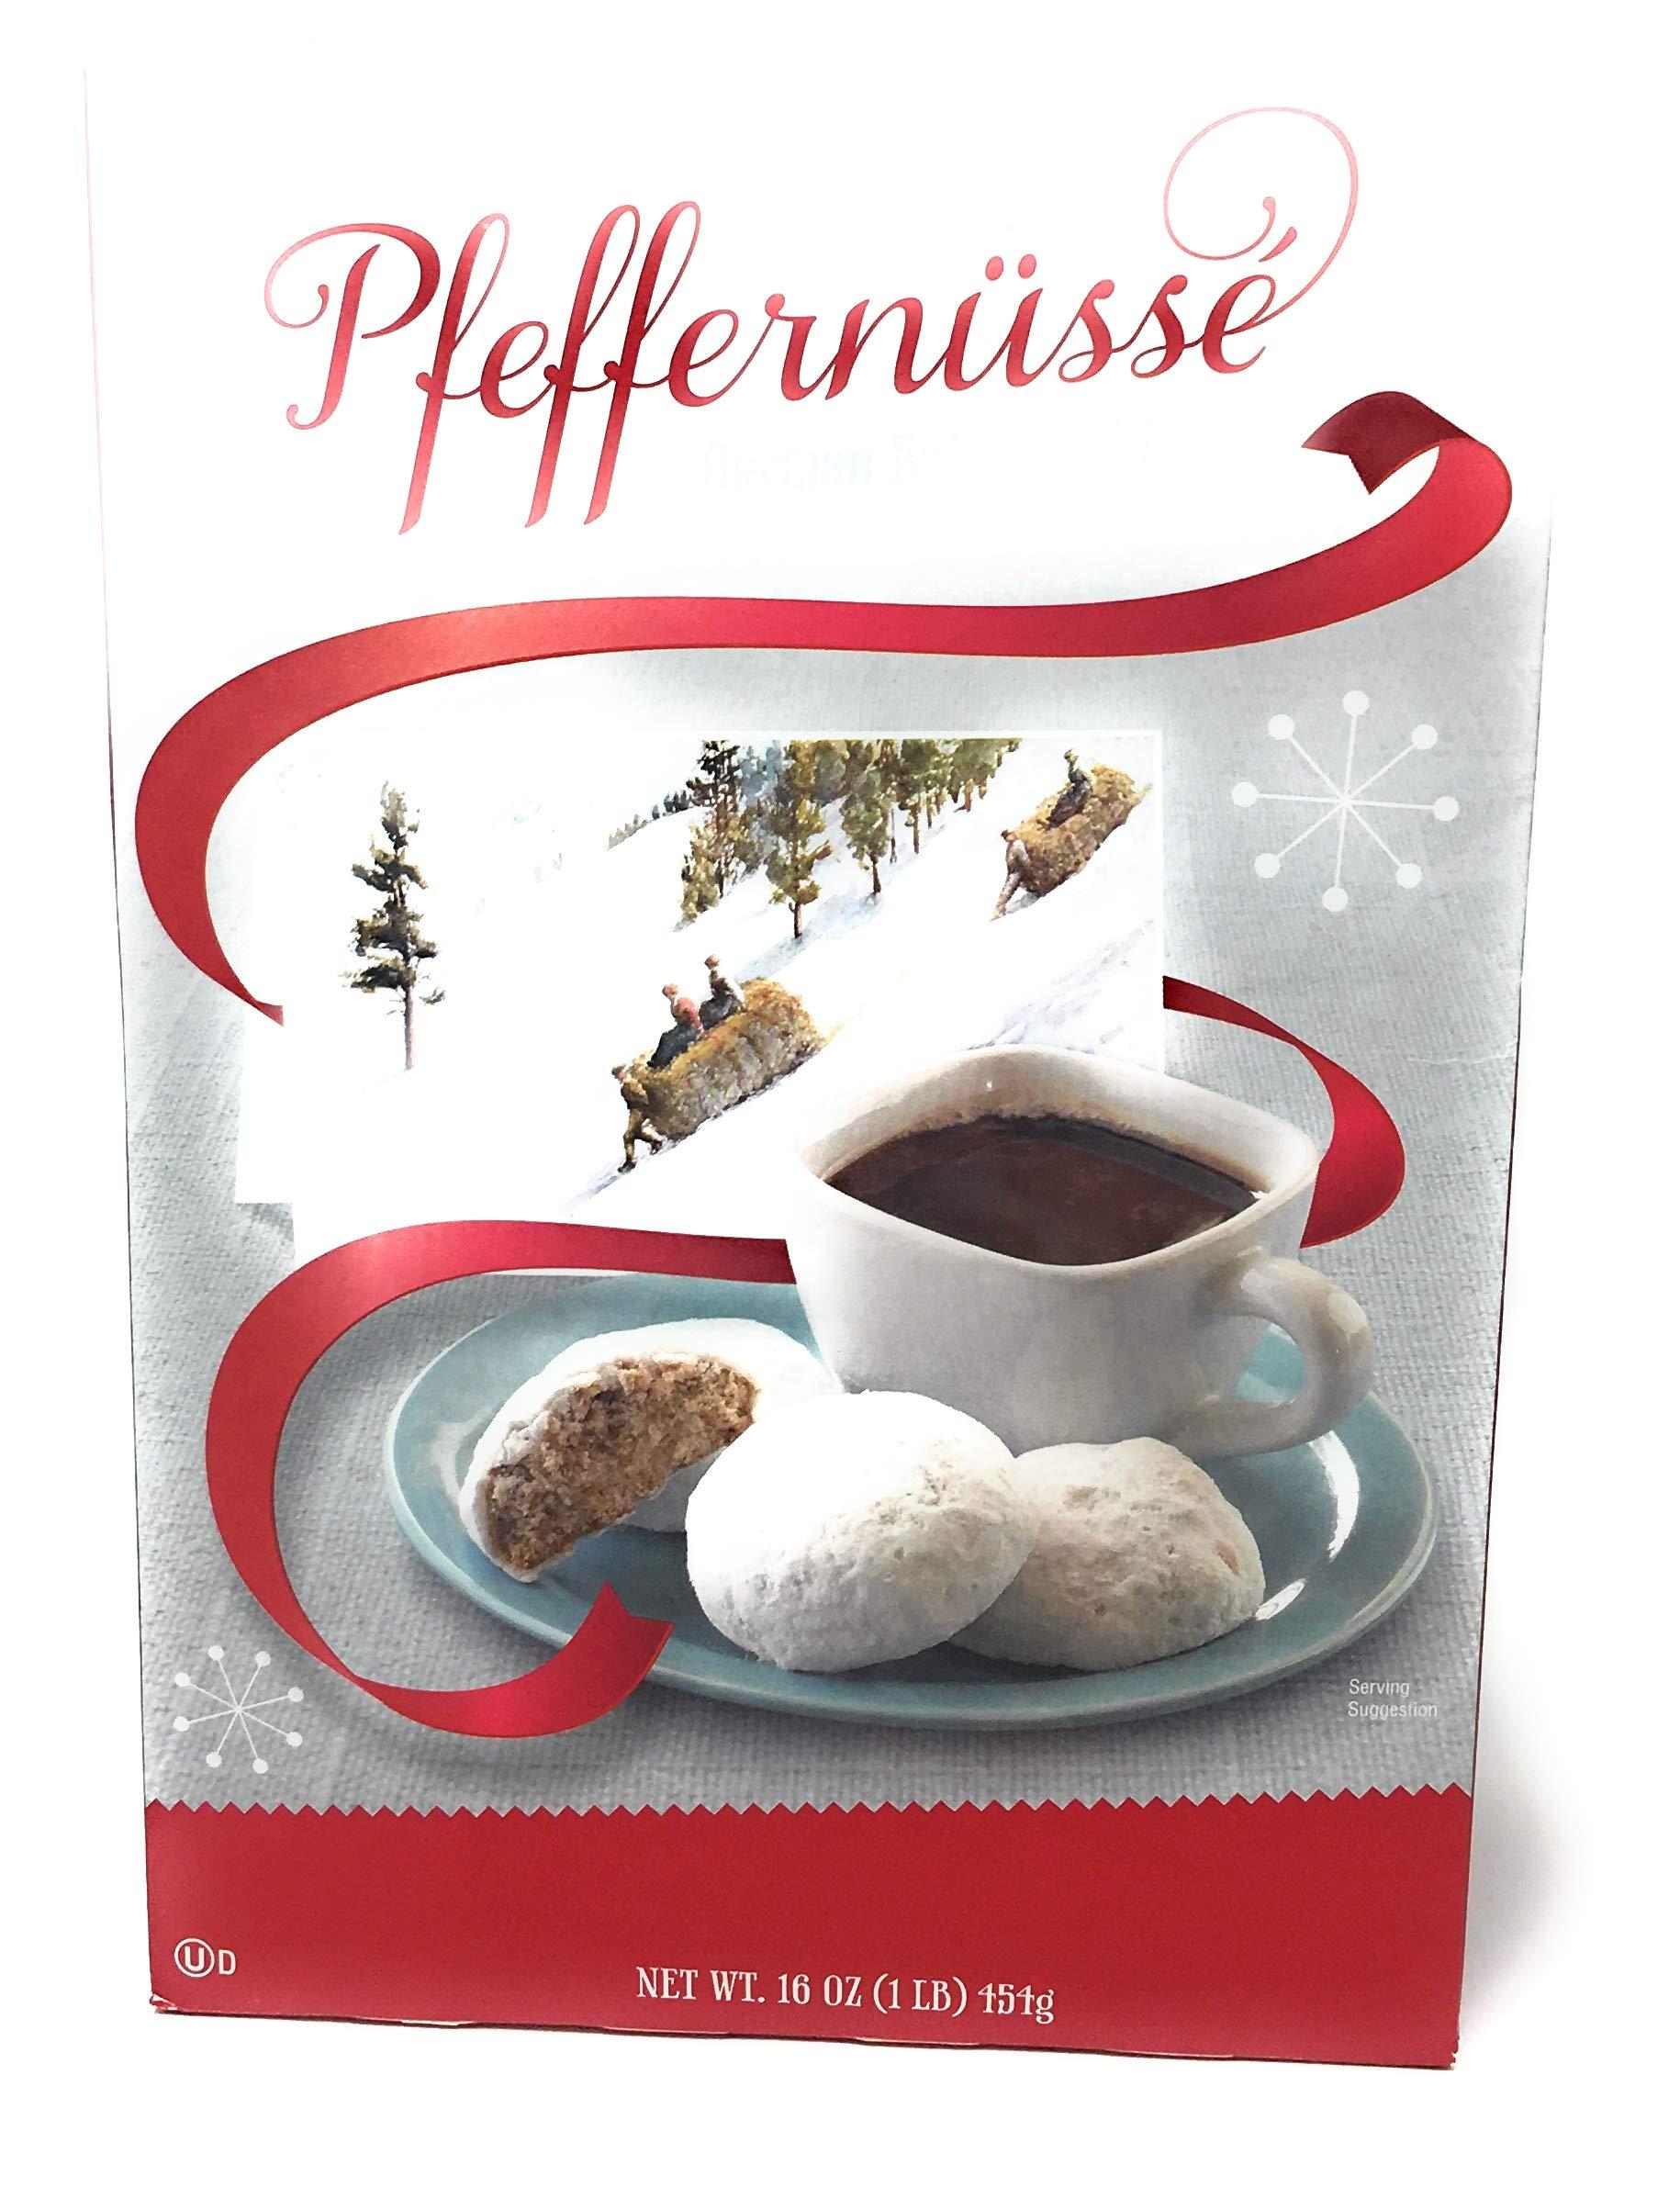 Amazon Trader Joe s Pfeffernusse German Spice Cookies limited